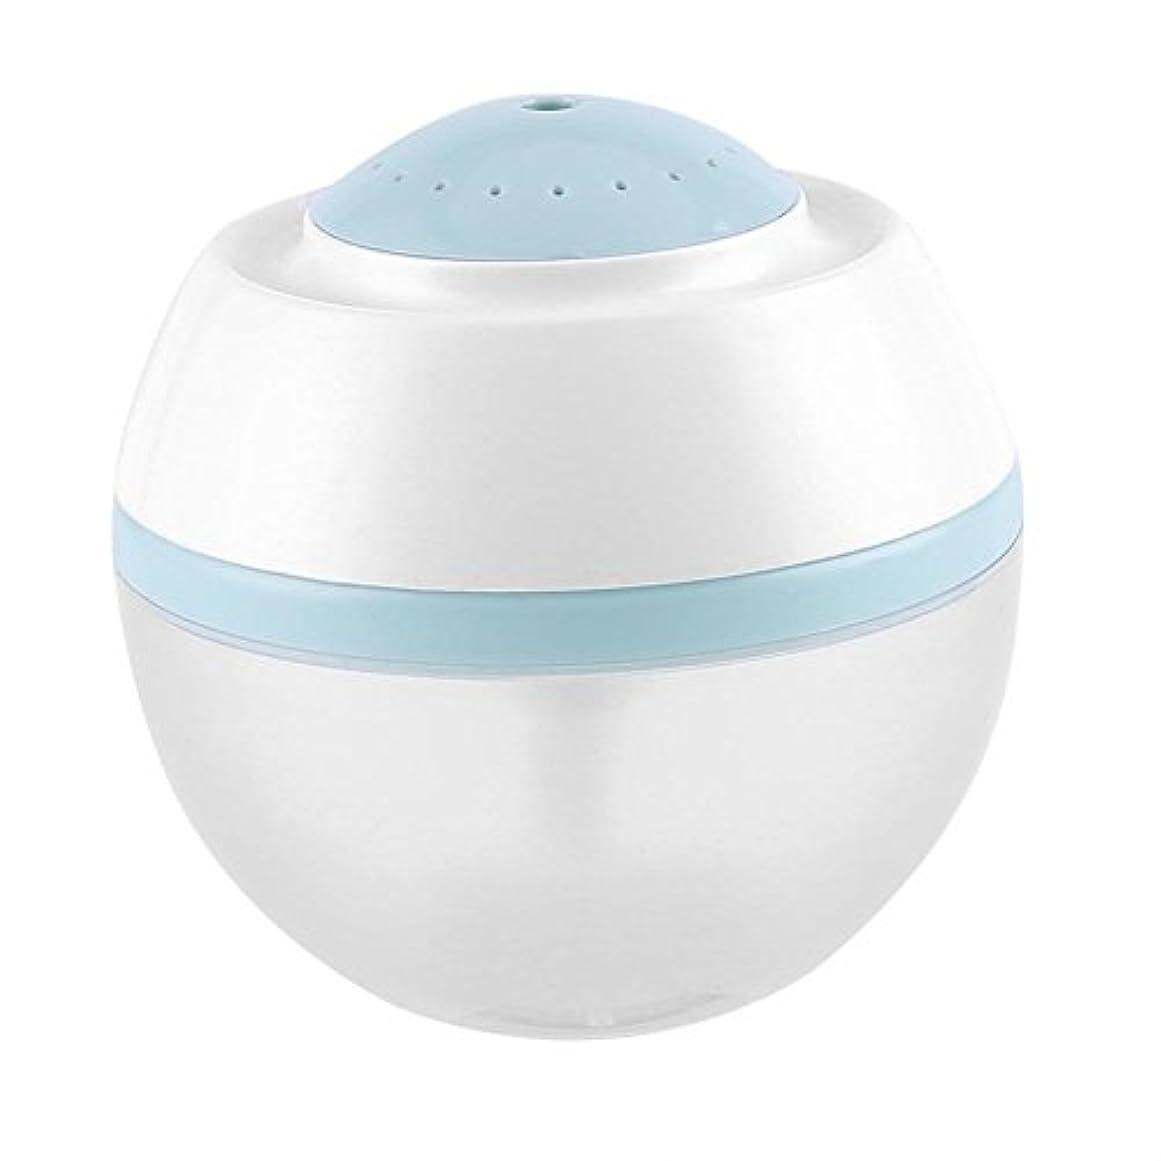 ネコ小康火山超音波クールミスト加湿器、500ml空気清浄器気化器ディフューザー7色LED付きプレミアム加湿ユニット(青)